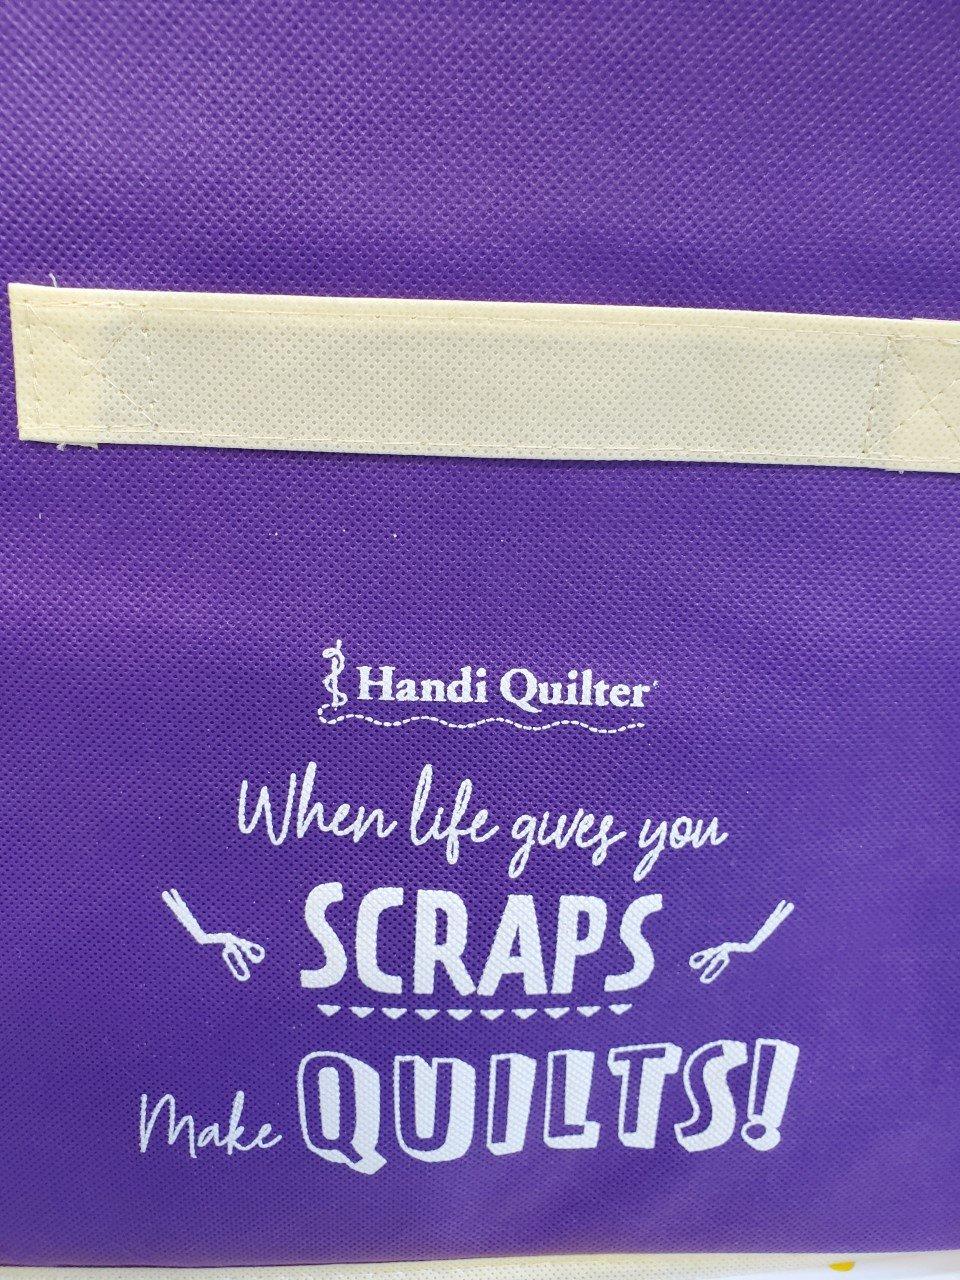 HQ Fabric Bin Scrapes Make Quilts